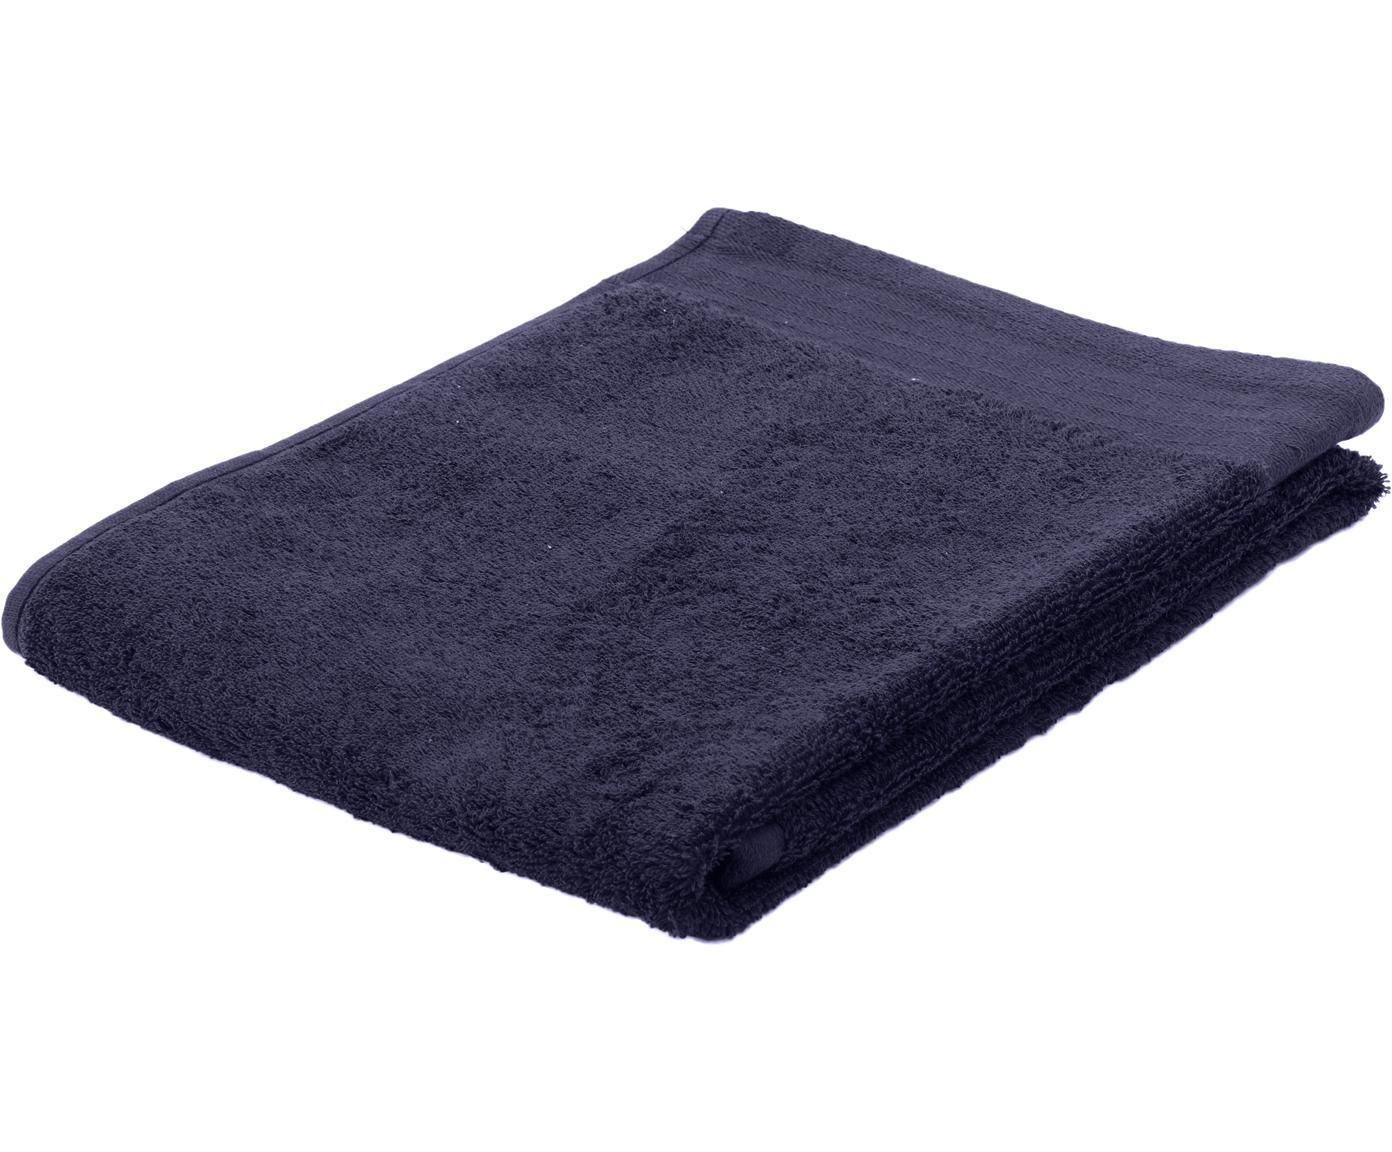 Handtuch Soft Cotton, Navyblau, Handtuch